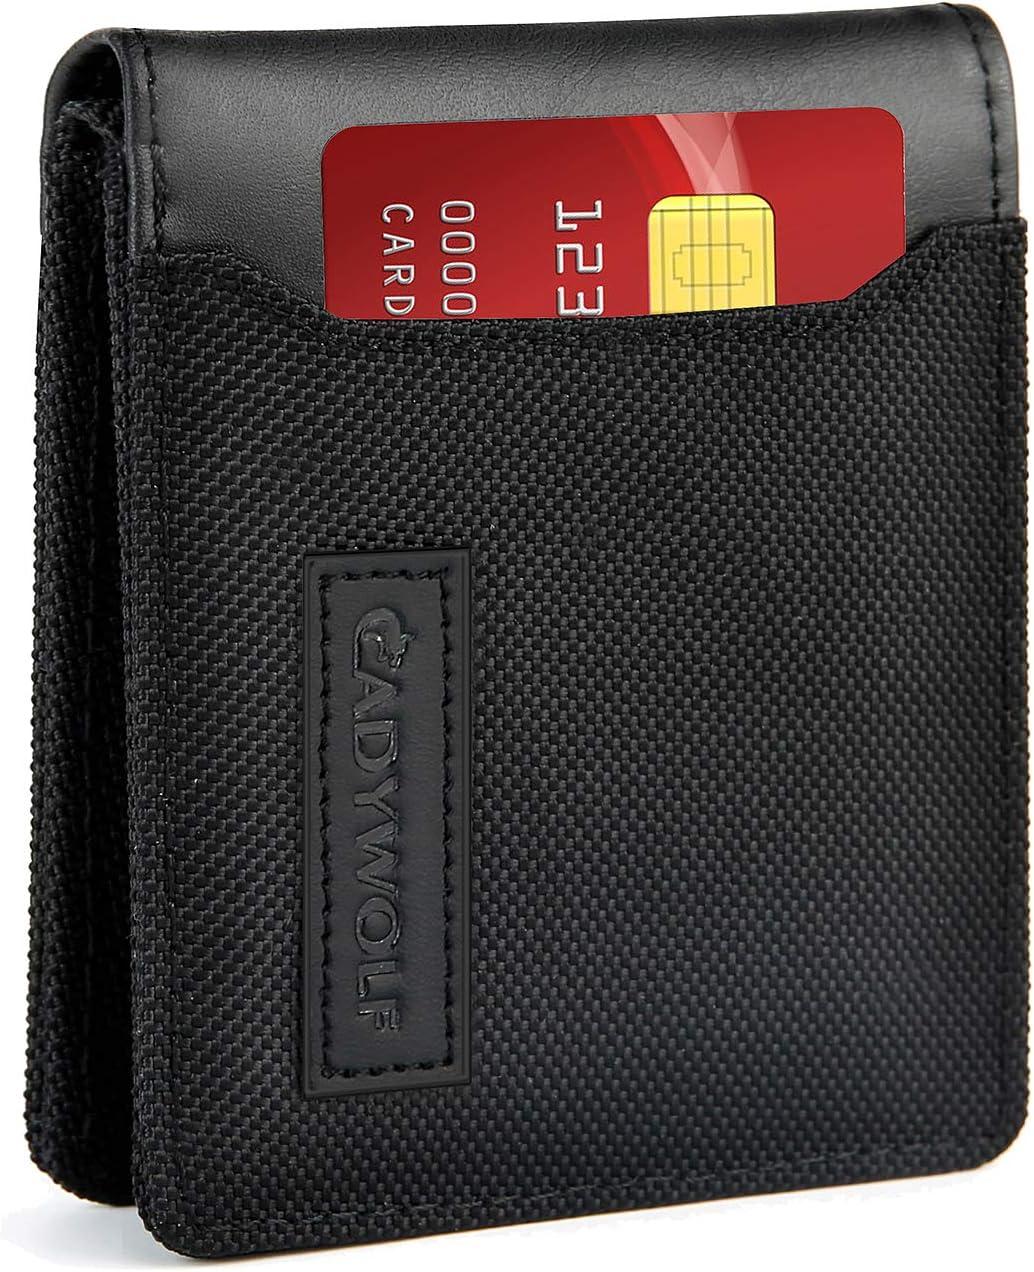 CADYWOLF Slim Wallets for Men, RFID Wallet with Money clip, Men's Wallet, Credit Card Holder for Men (BLACK)